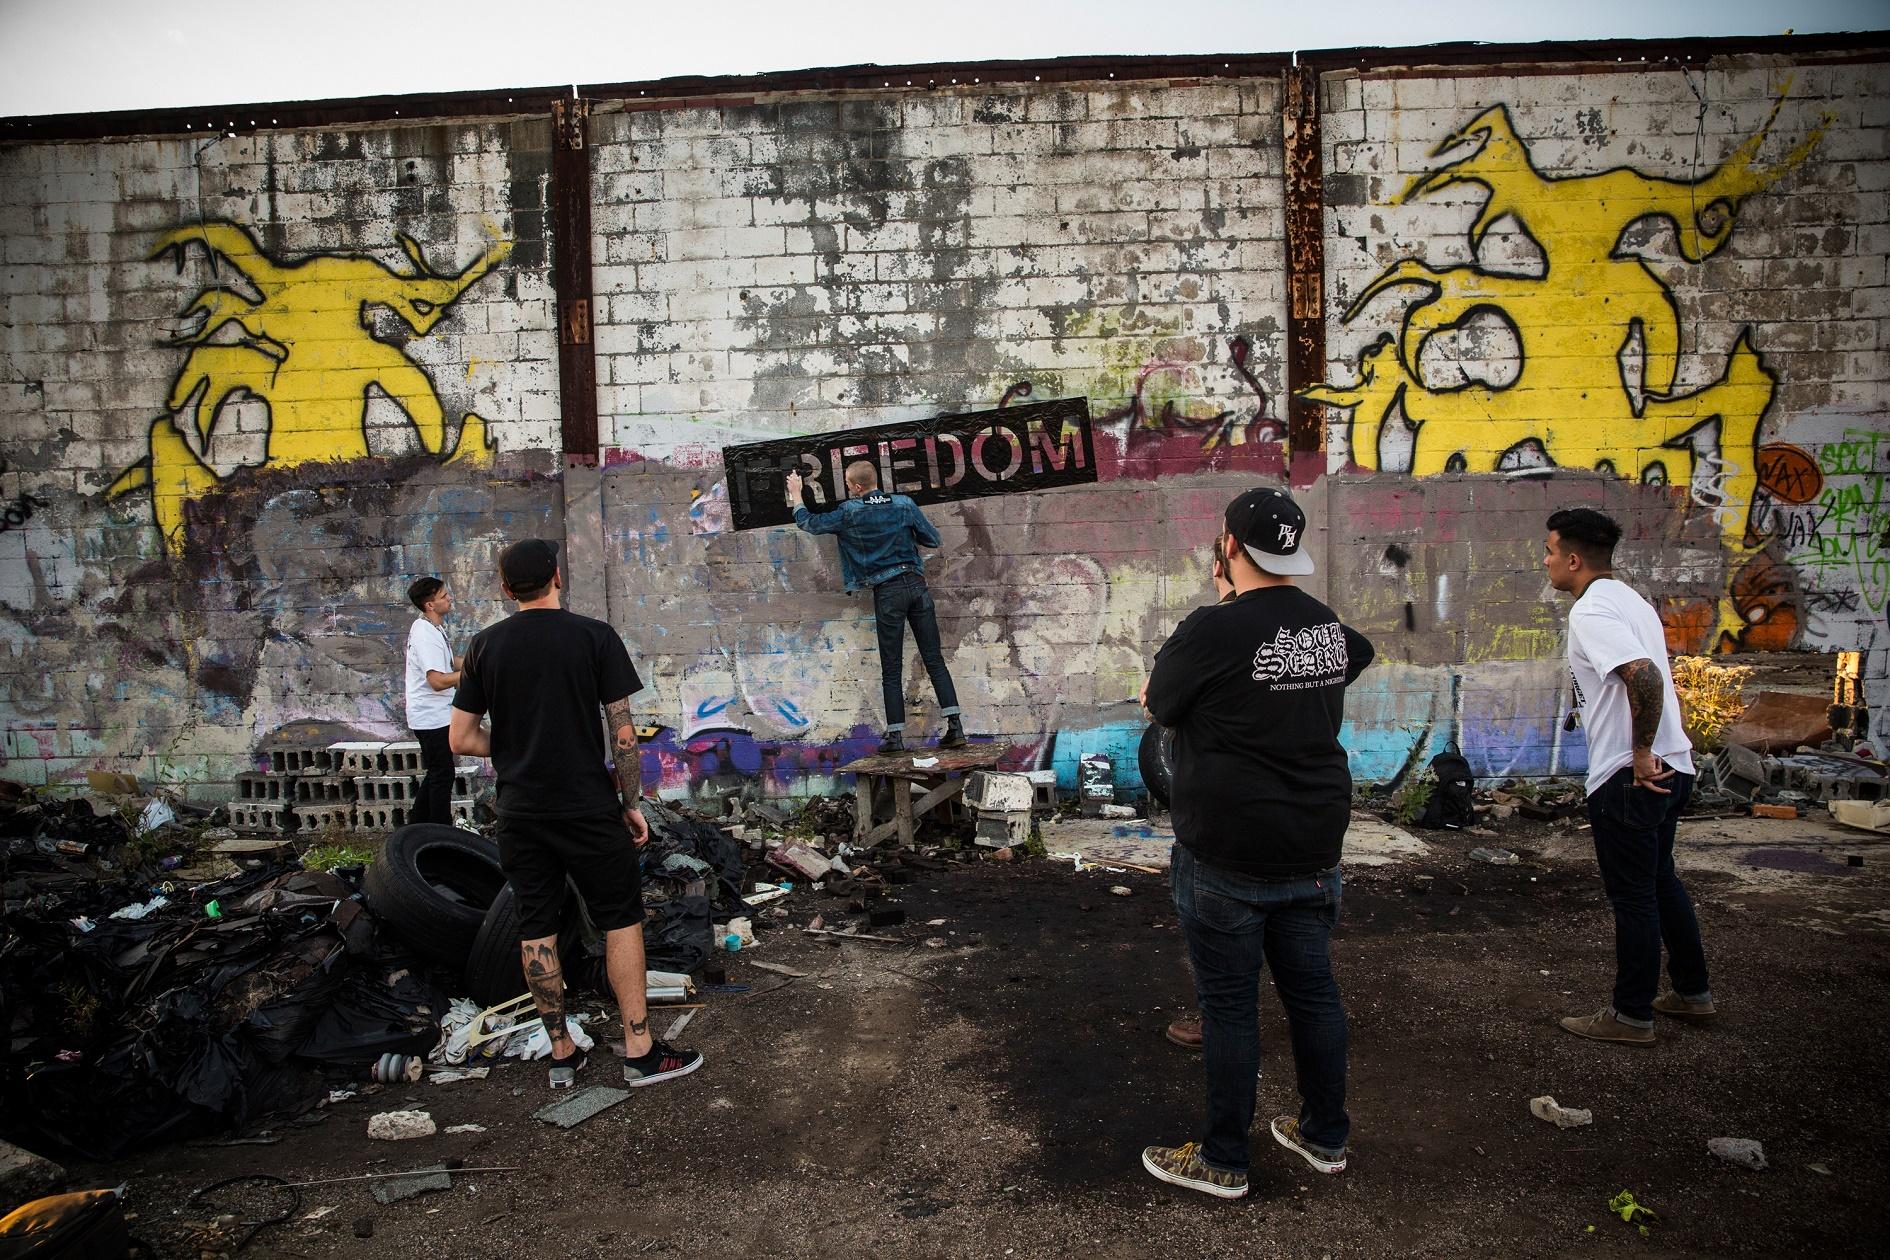 """Os componentes da banda """"Freedom"""" picham os muros de uma fábrica de automóveis abandonada, em Detroit, em protesto contra a crise na cidade"""